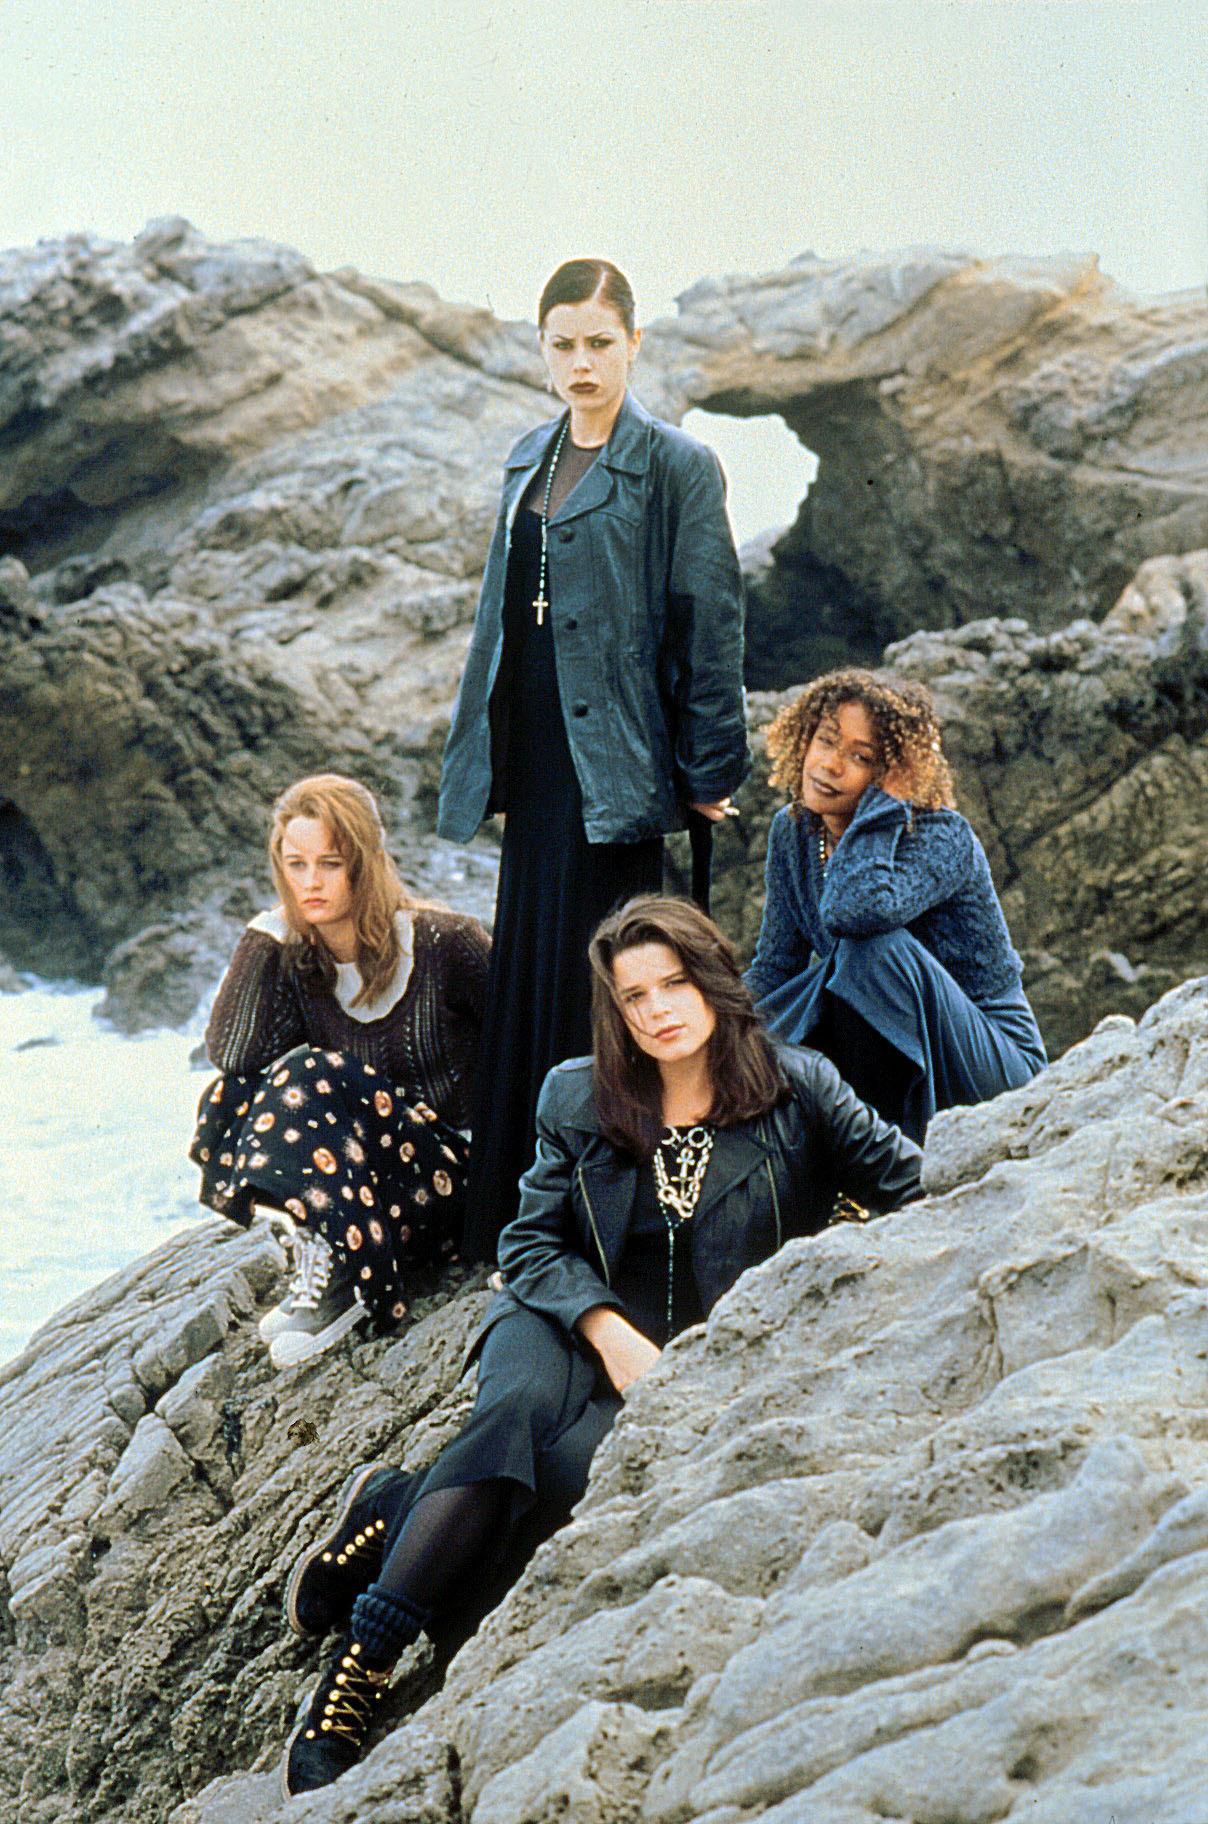 Recordando a The Craft, la película sobre brujas adolescentes que marcó el estilo de los '90